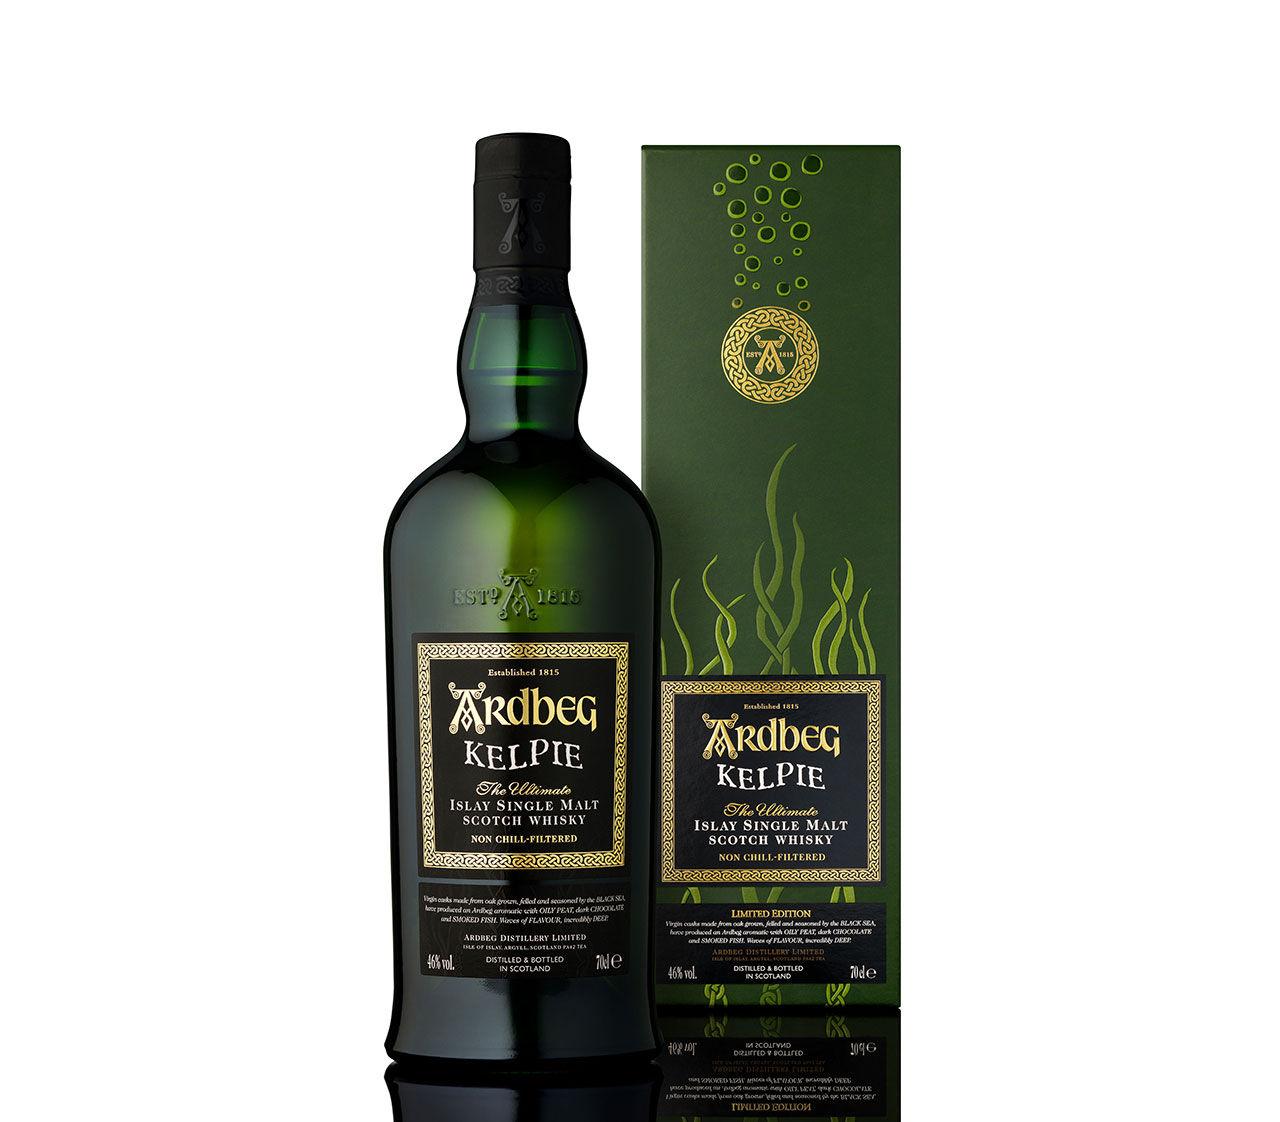 Ny specialutgåva med Ardbeg-whisky